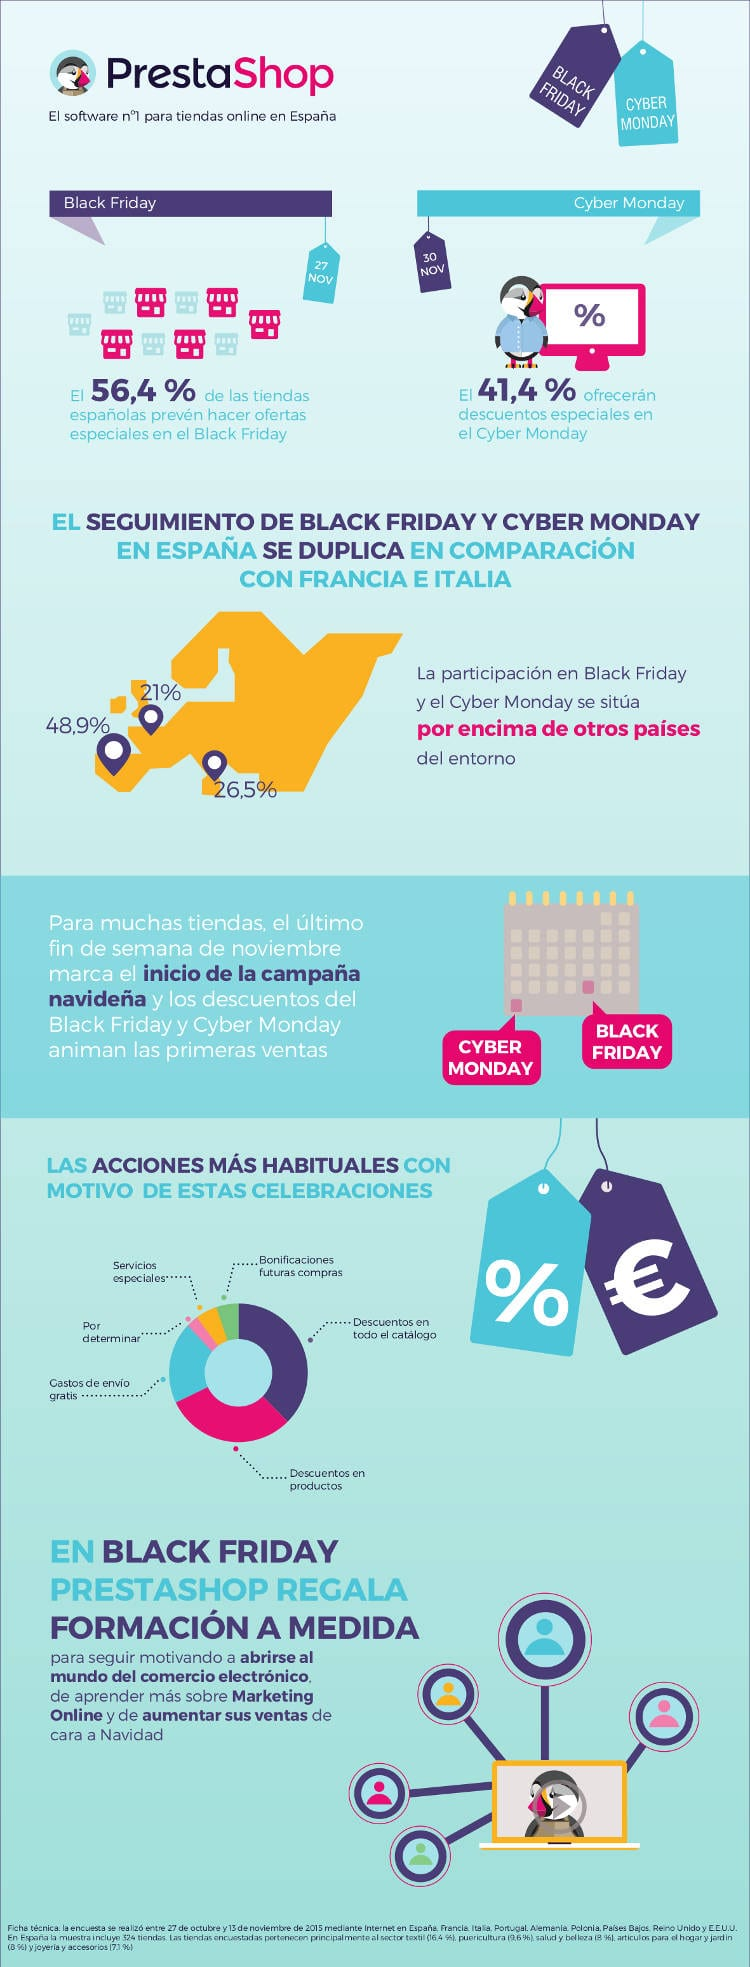 La mitad de las tiendas españolas celebrarán el Black Friday y el Cyber Monday con ofertas y descuentos